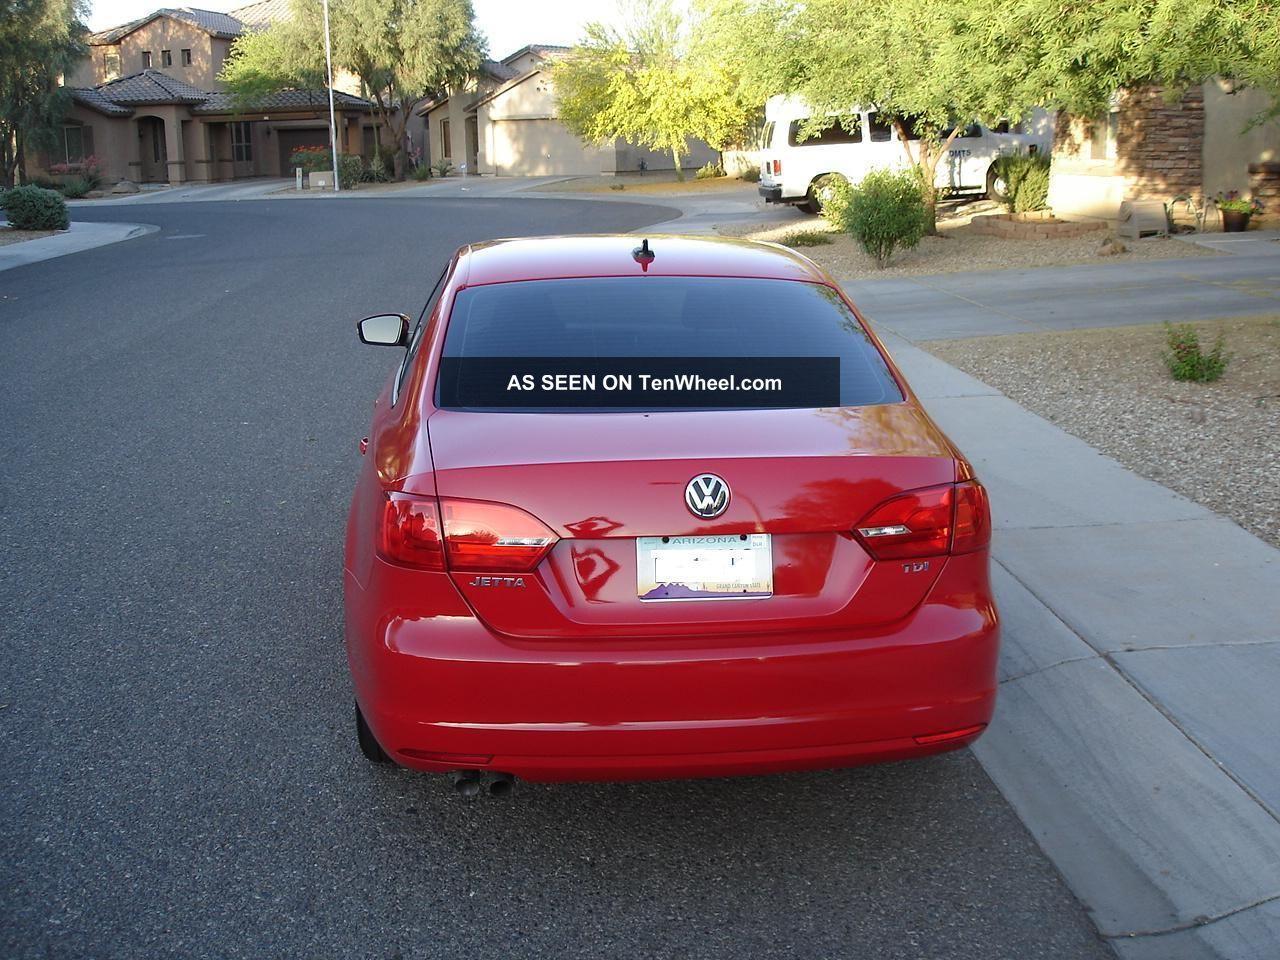 2011 Volkswagen Jetta Tdi  Turbo Diesel  6 Speed Manual Trans